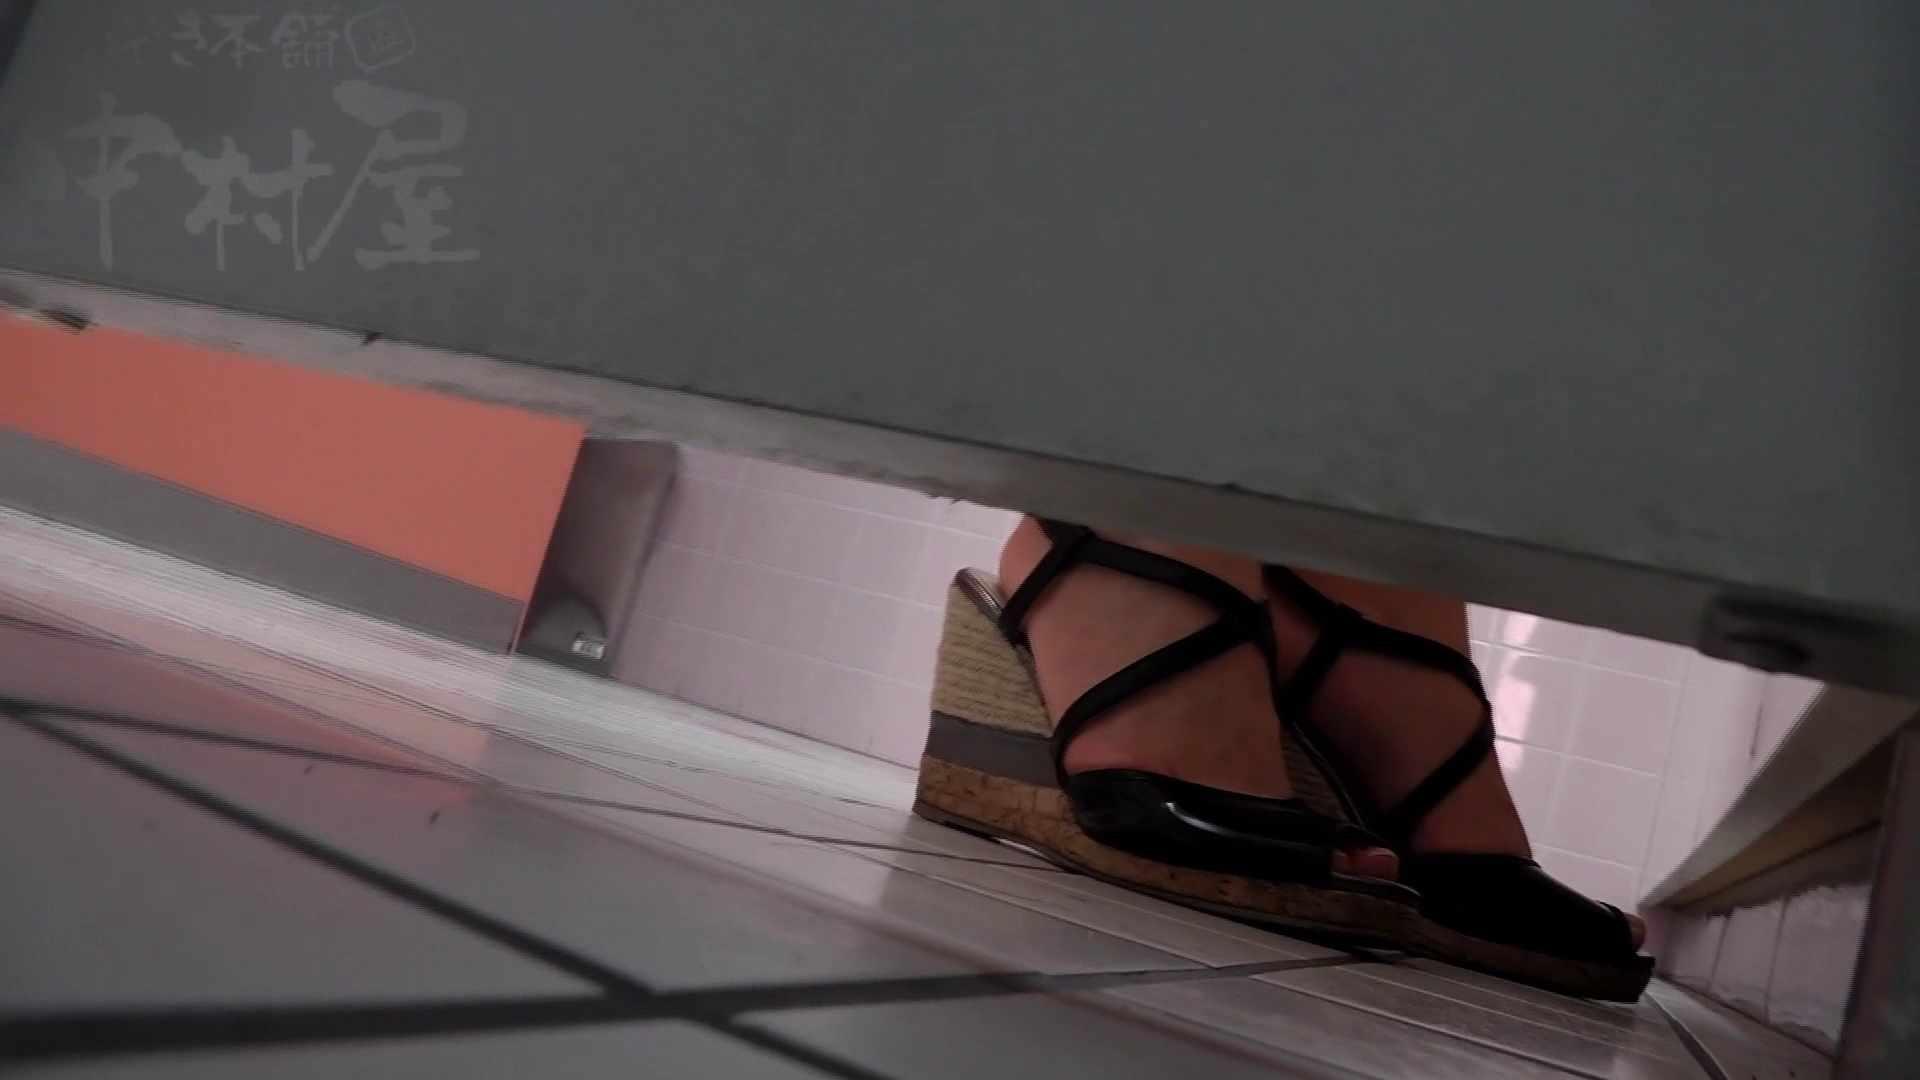 美しい日本の未来 No.22 未来進歩3 感動レベル予告のモデルつい登場か!! 名作 女性器鑑賞 60連発 10